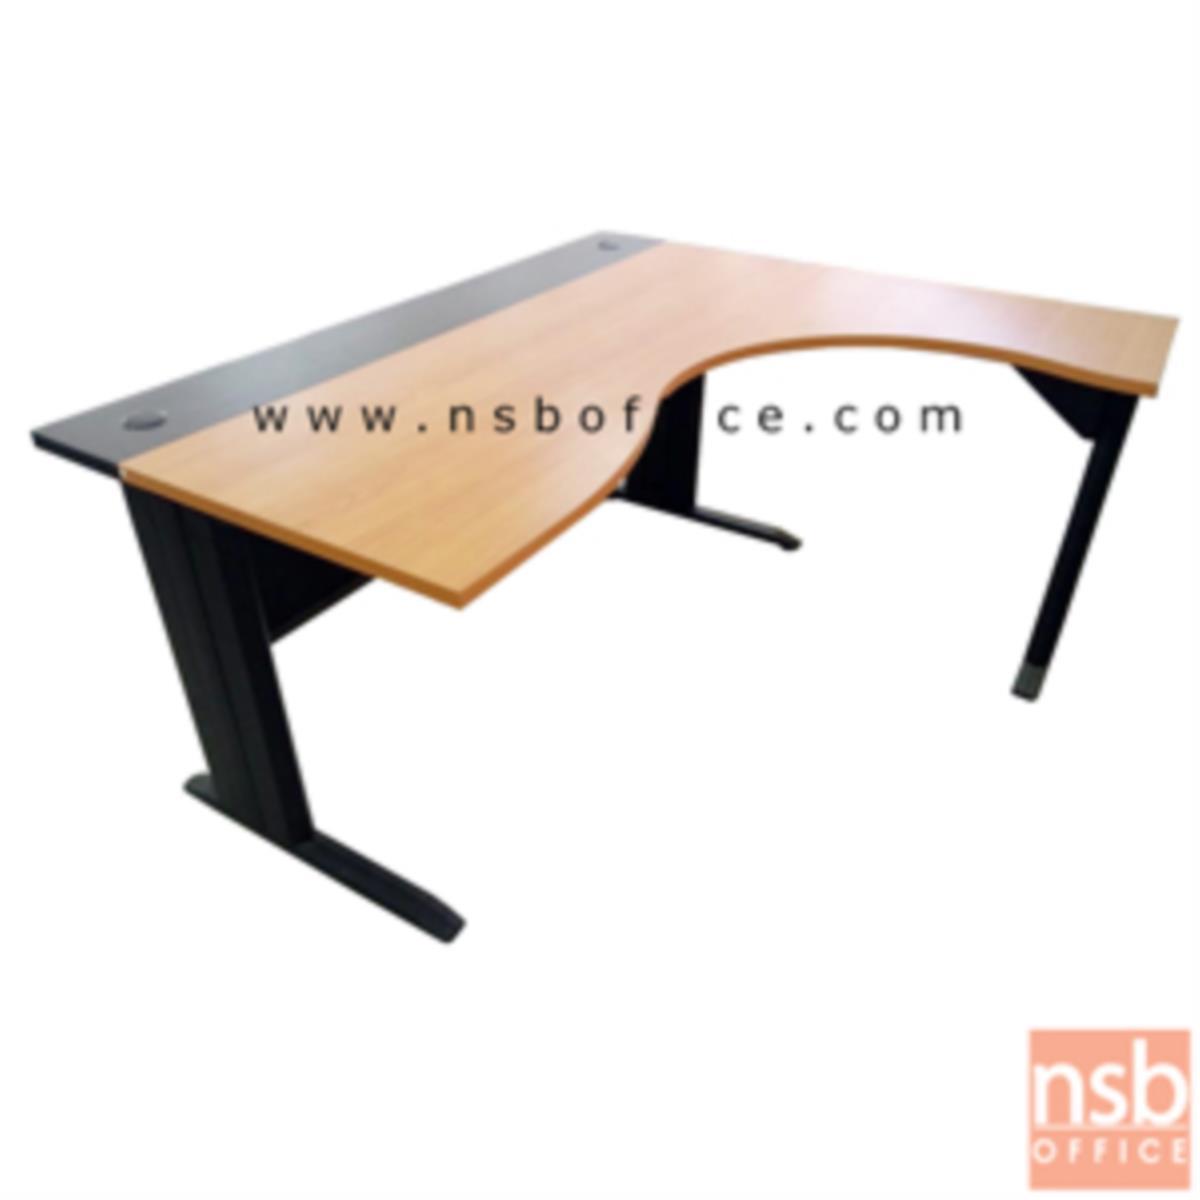 A10A008:โต๊ะทำงานตัวแอลหน้าโค้งเว้า  รุ่น Bekant (บีแคนท์) ขนาด 160W1*140W2 cm. ขาเหล็กดำ สีเชอร์รี่-ดำ